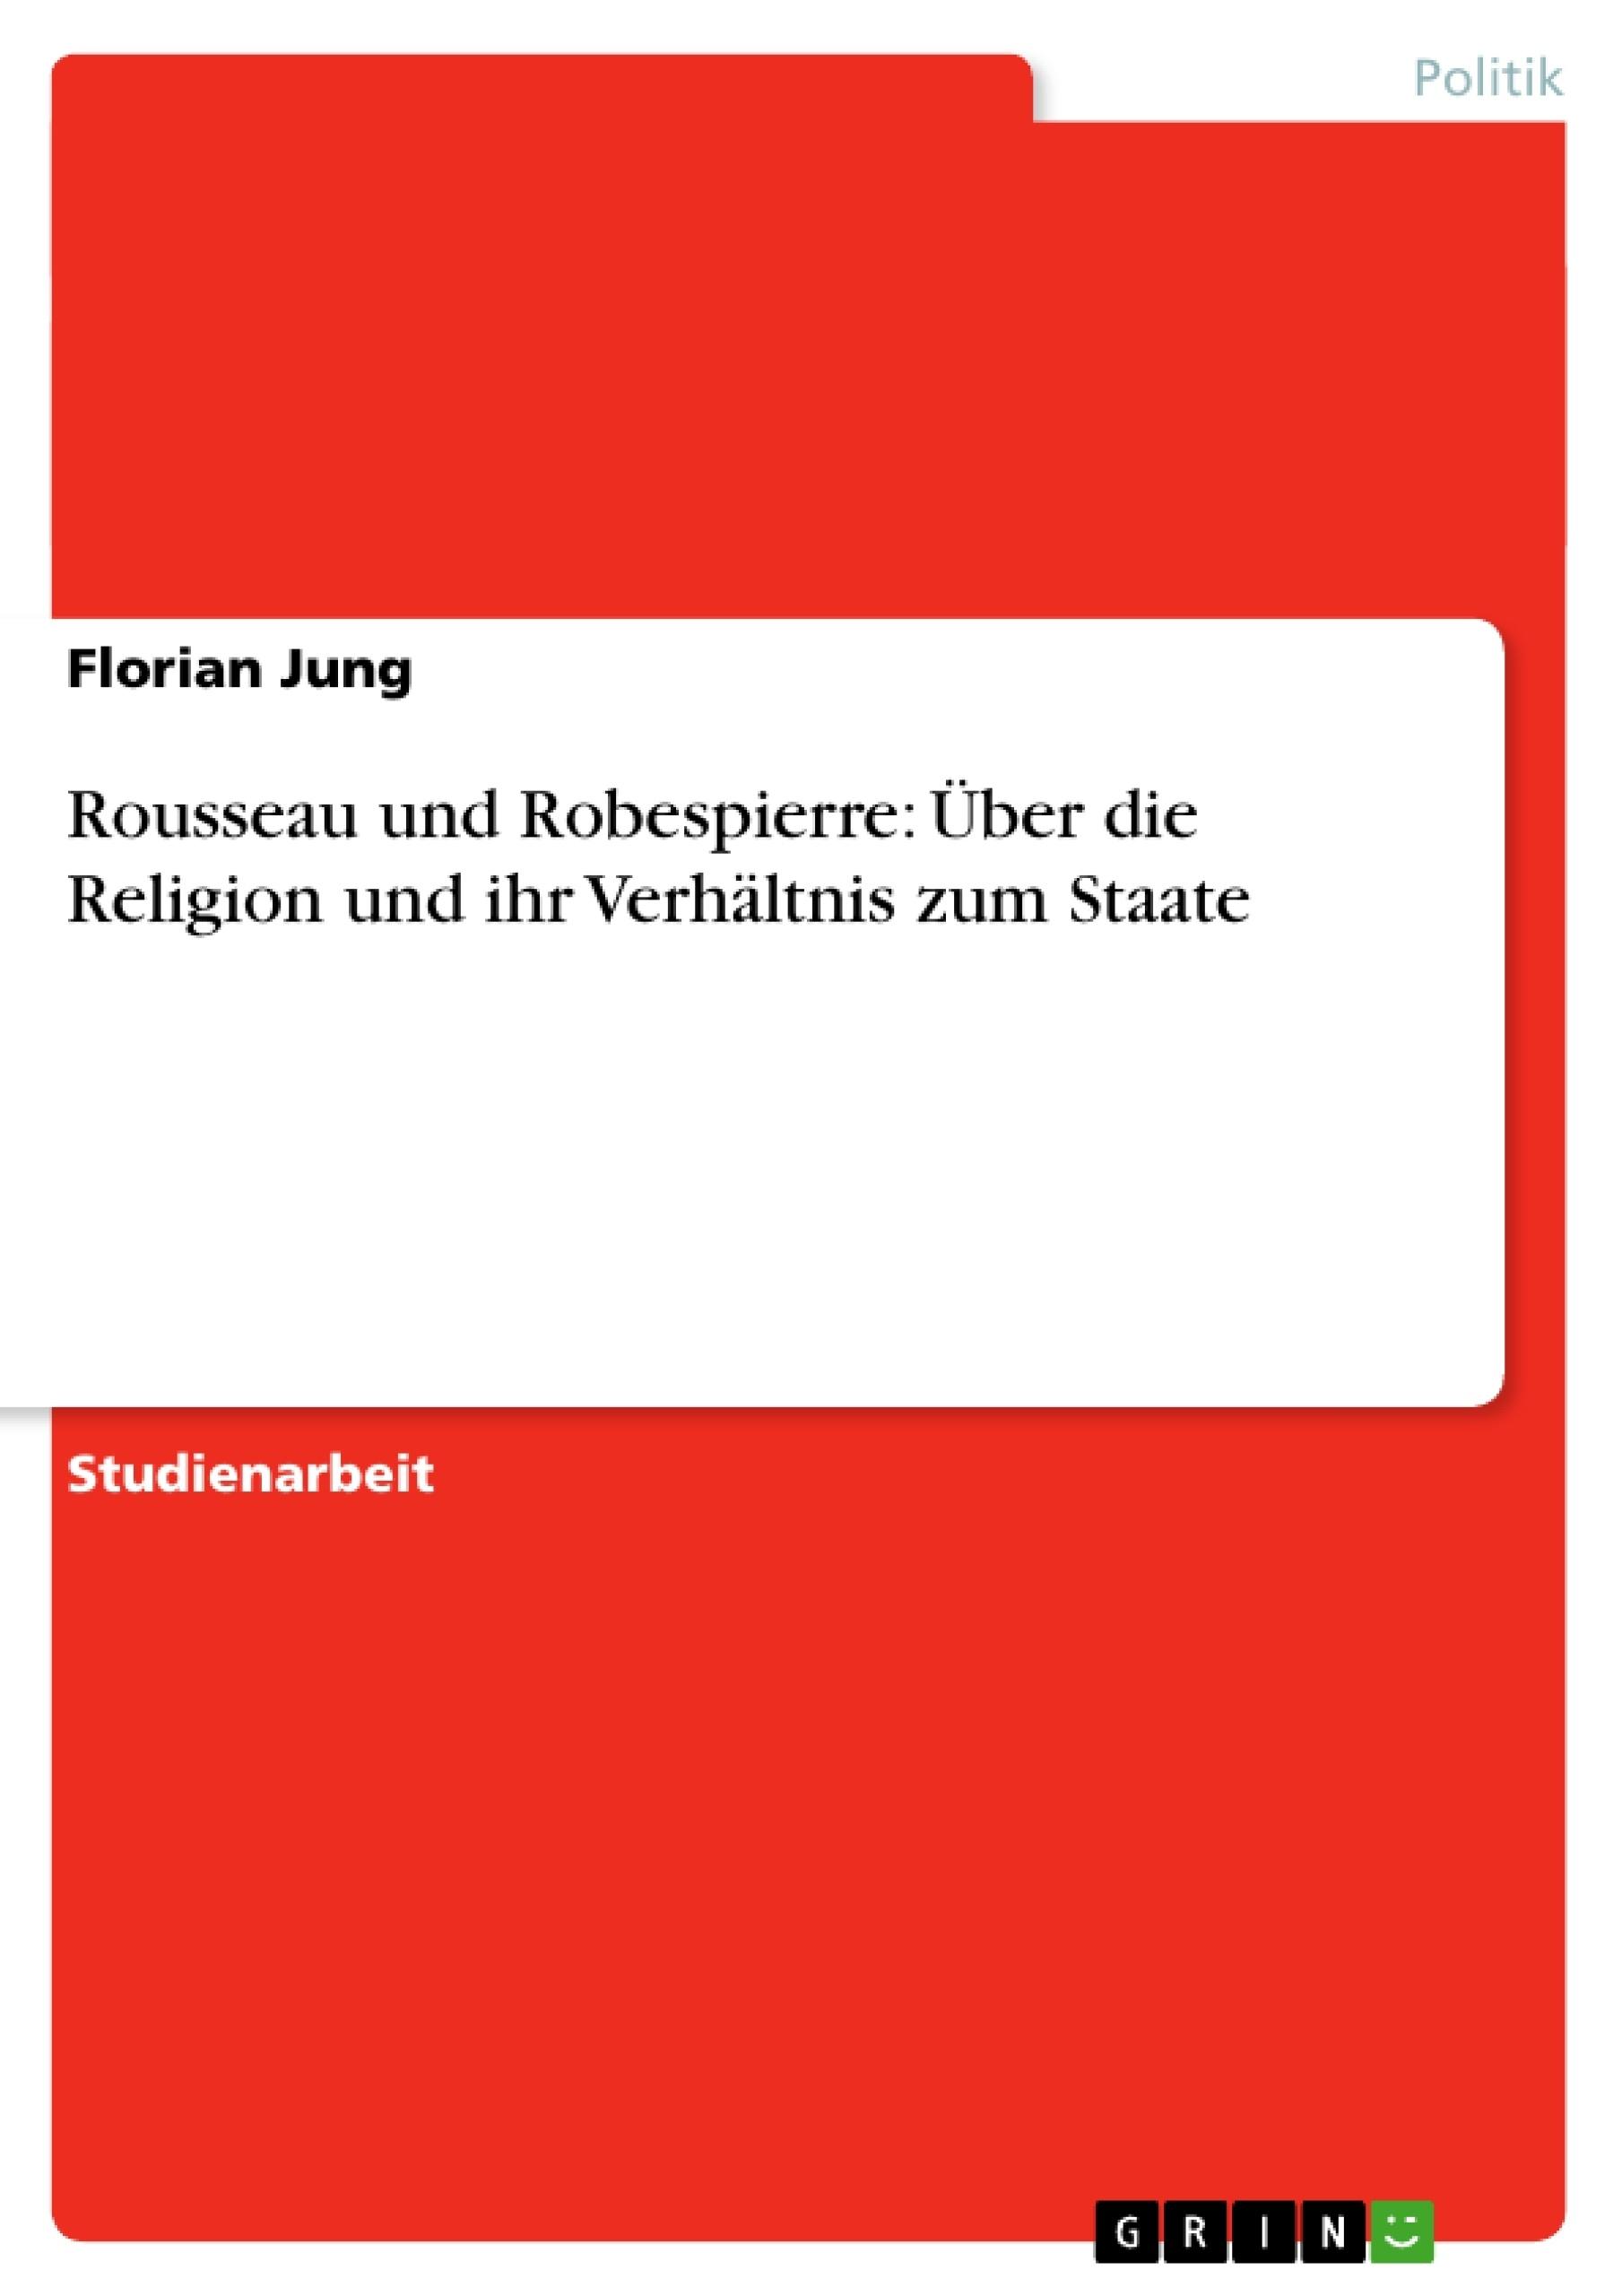 Titel: Rousseau und Robespierre: Über die Religion und ihr Verhältnis zum Staate